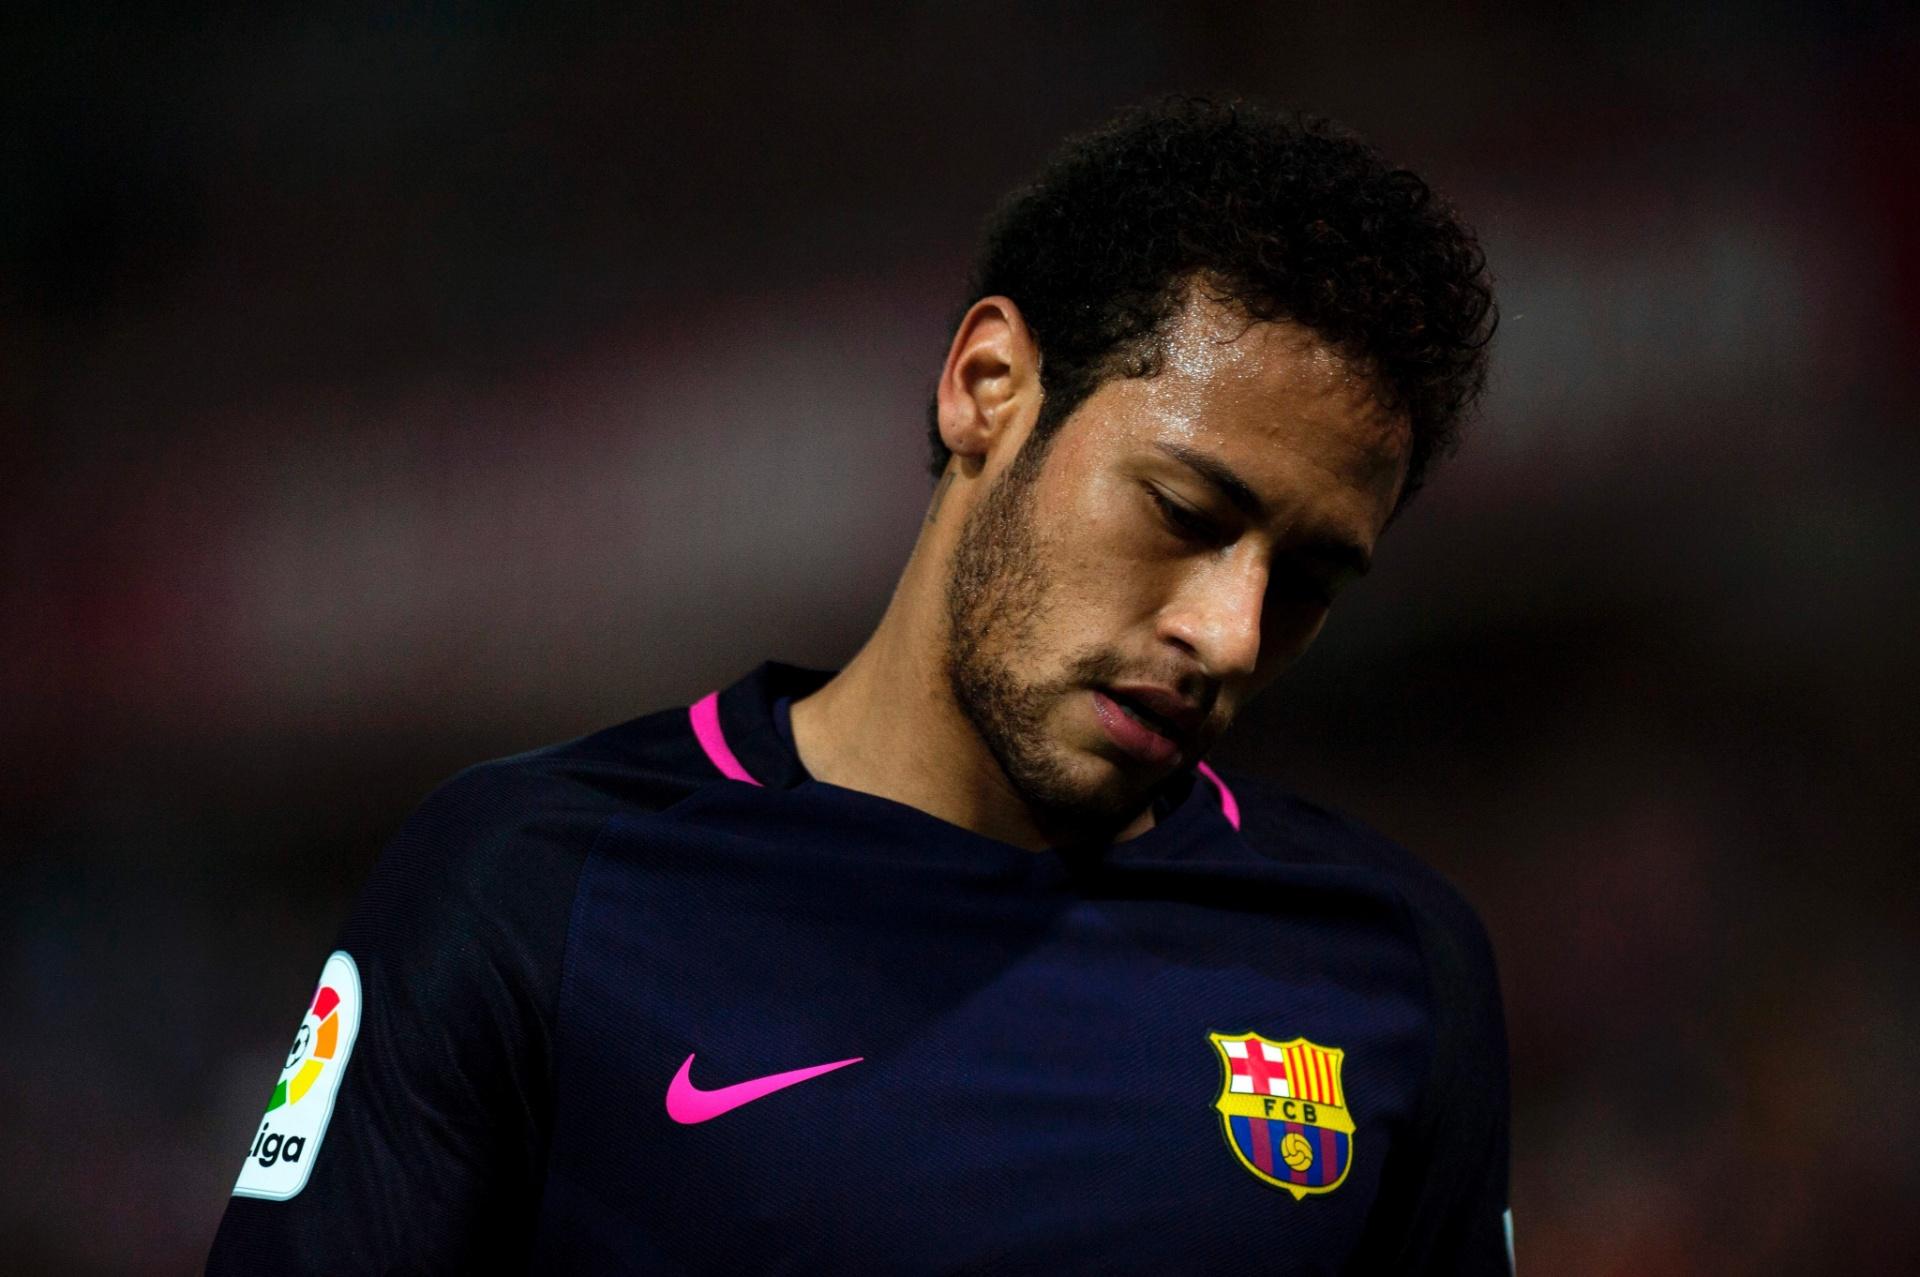 Caso DIS  Neymar f7c9020111651